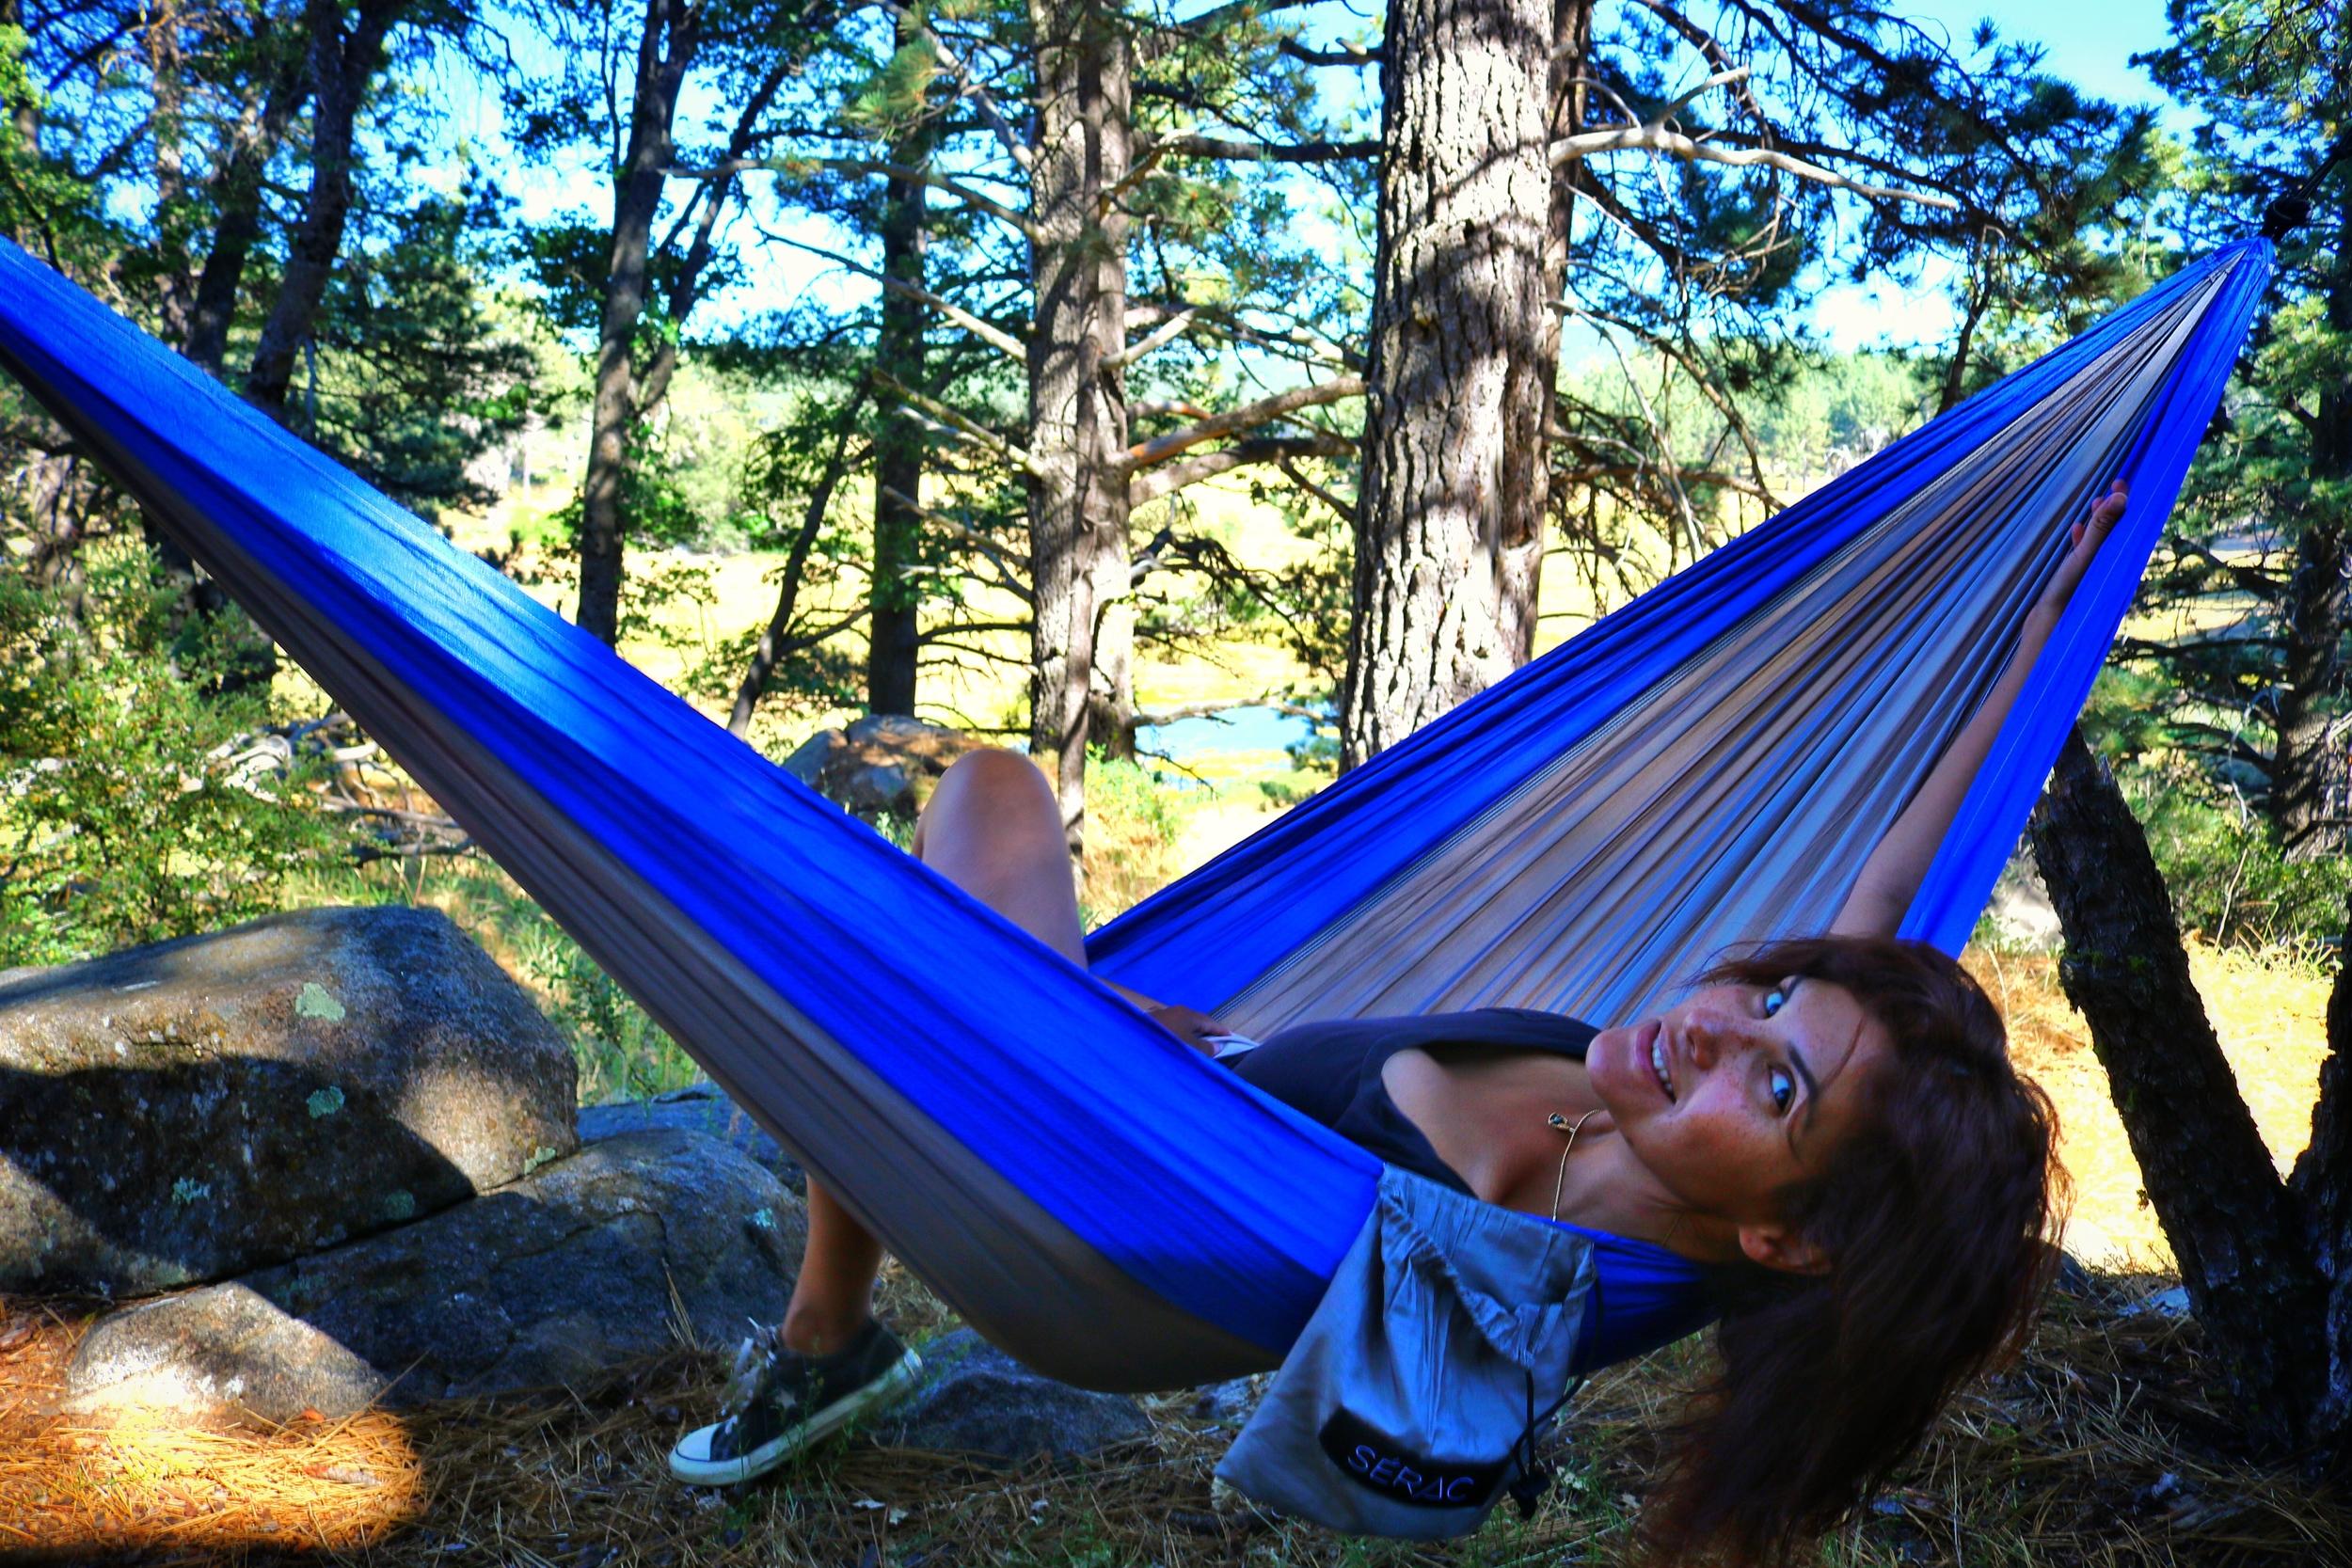 The Serac Classic Camping Hammock